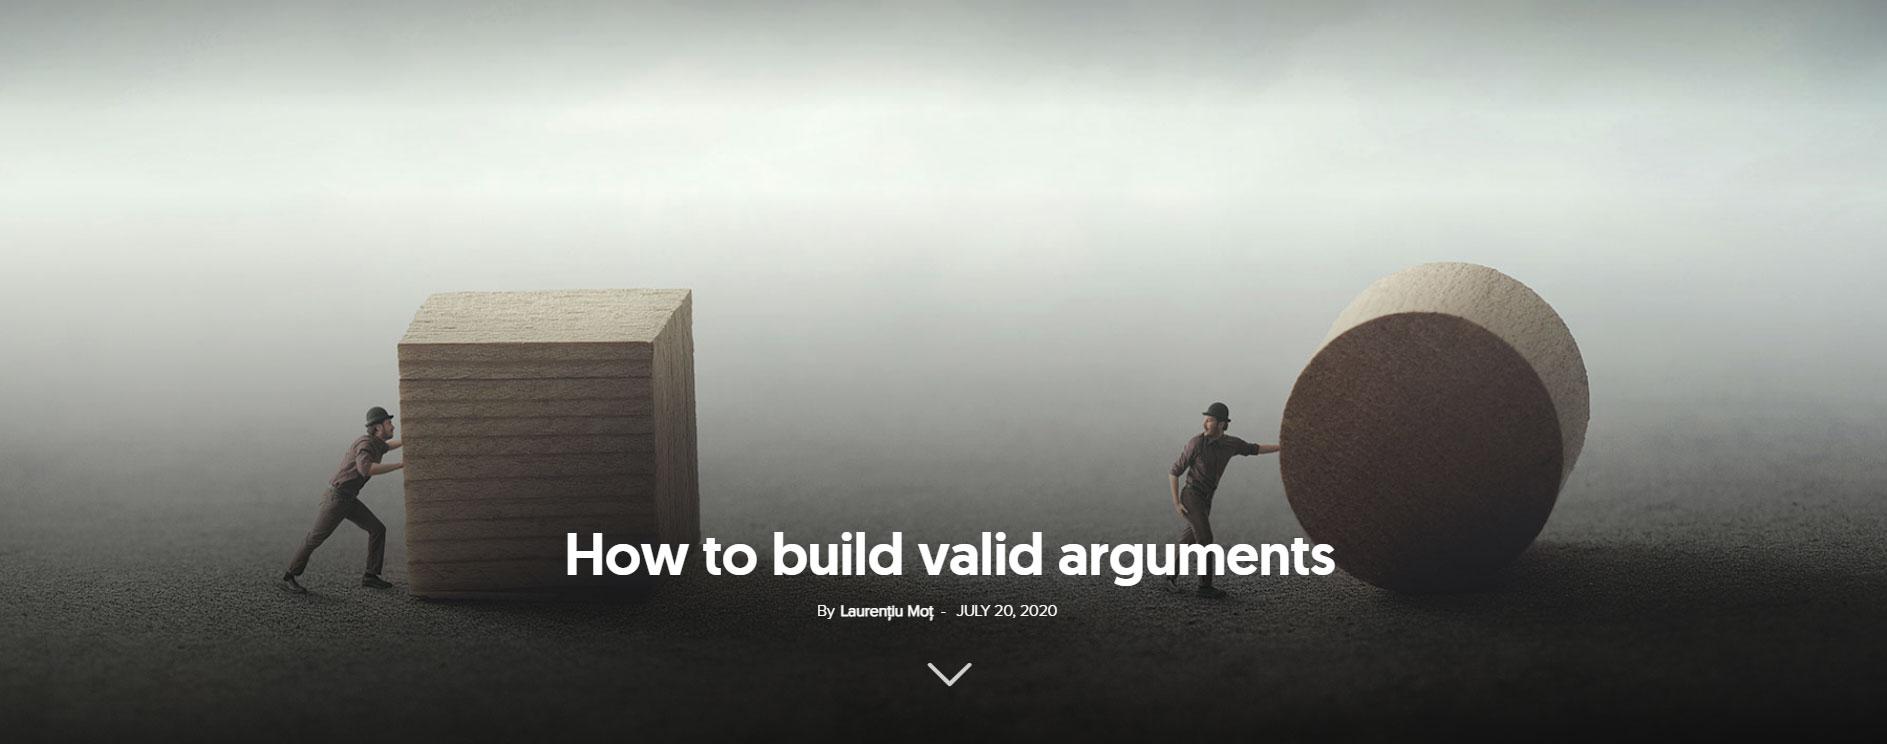 lose an argument